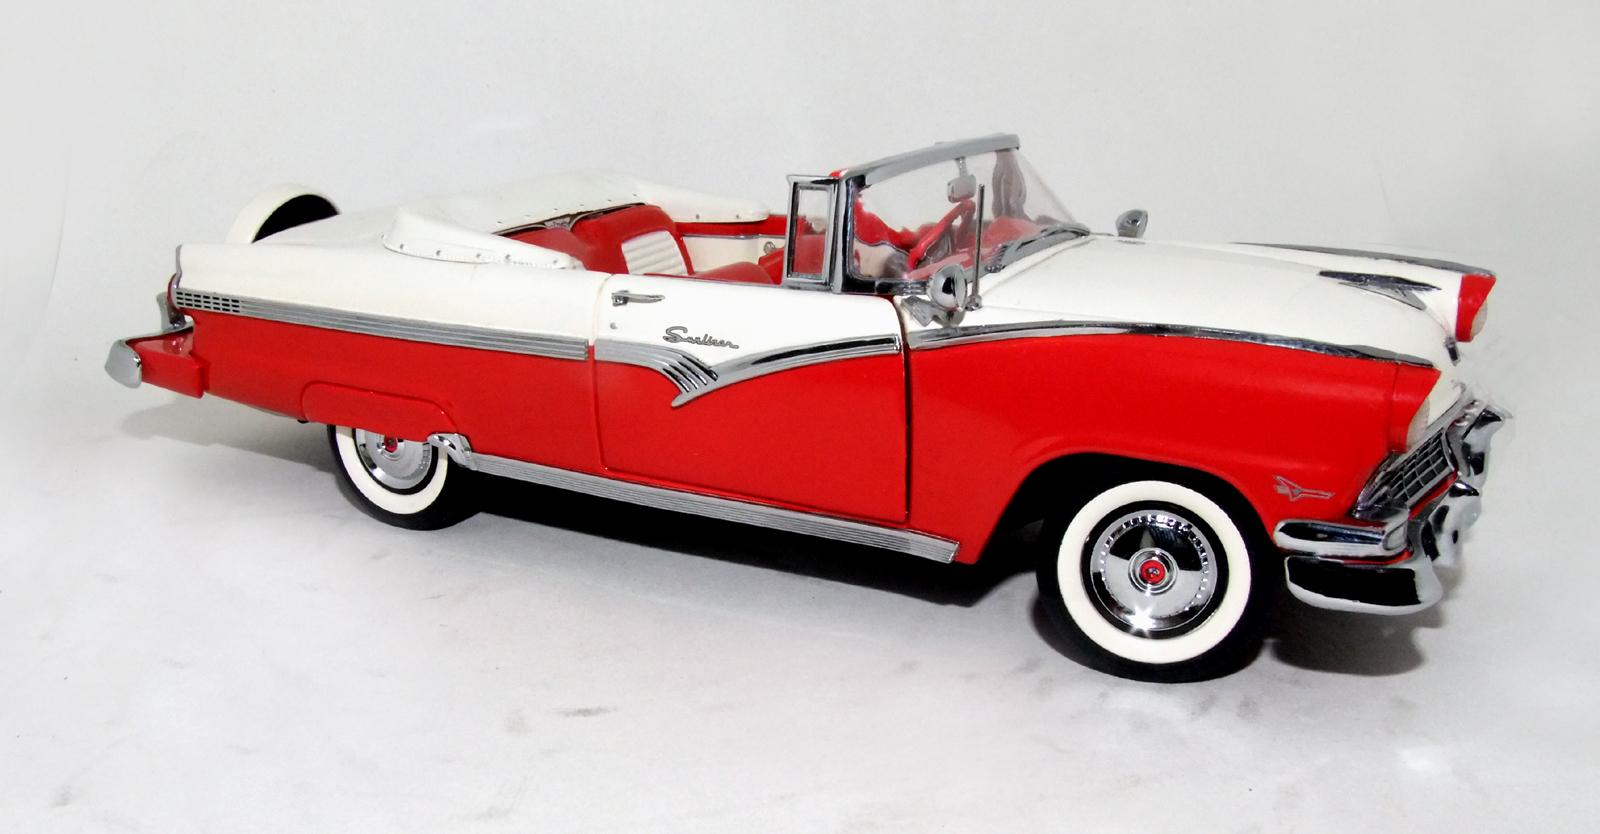 1956 Ford Fairlane Sunliner Convertible | usamodellbilar